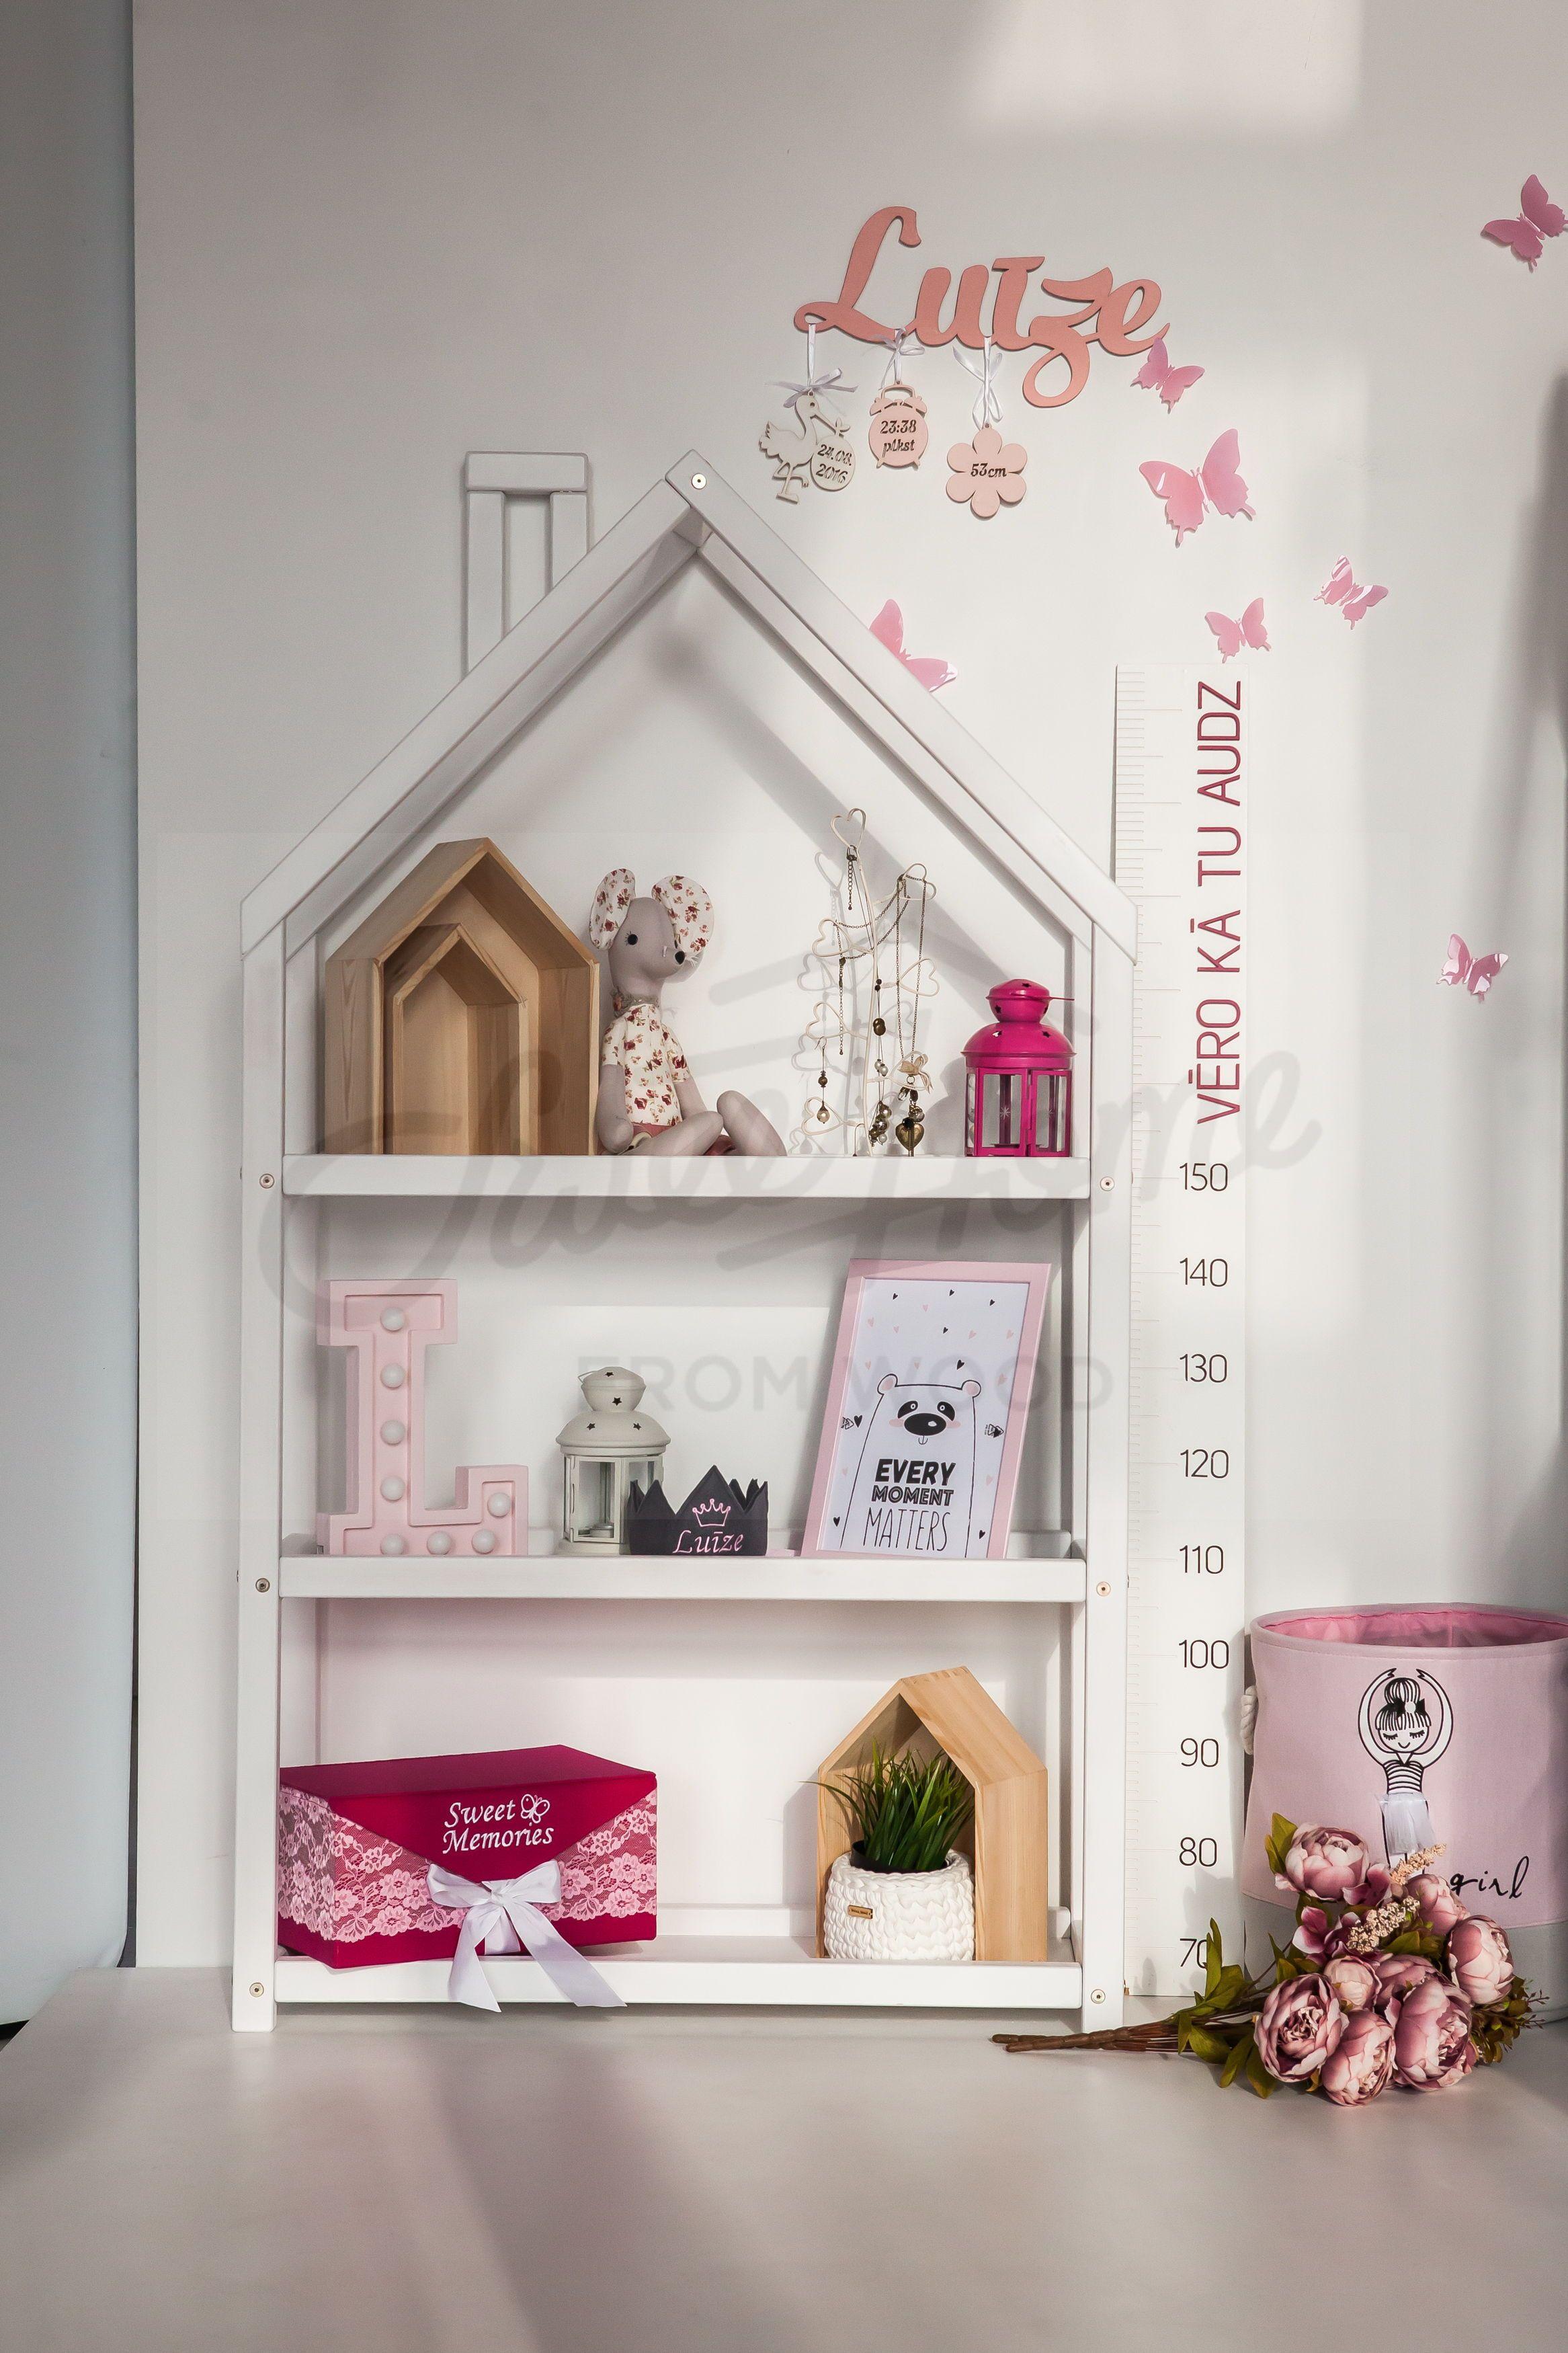 Kids Bedroom House Shaped Shelf Or Wooden House Shelf Nursery Shelf Kids Room Accessories Nursery Shelves House Shelves